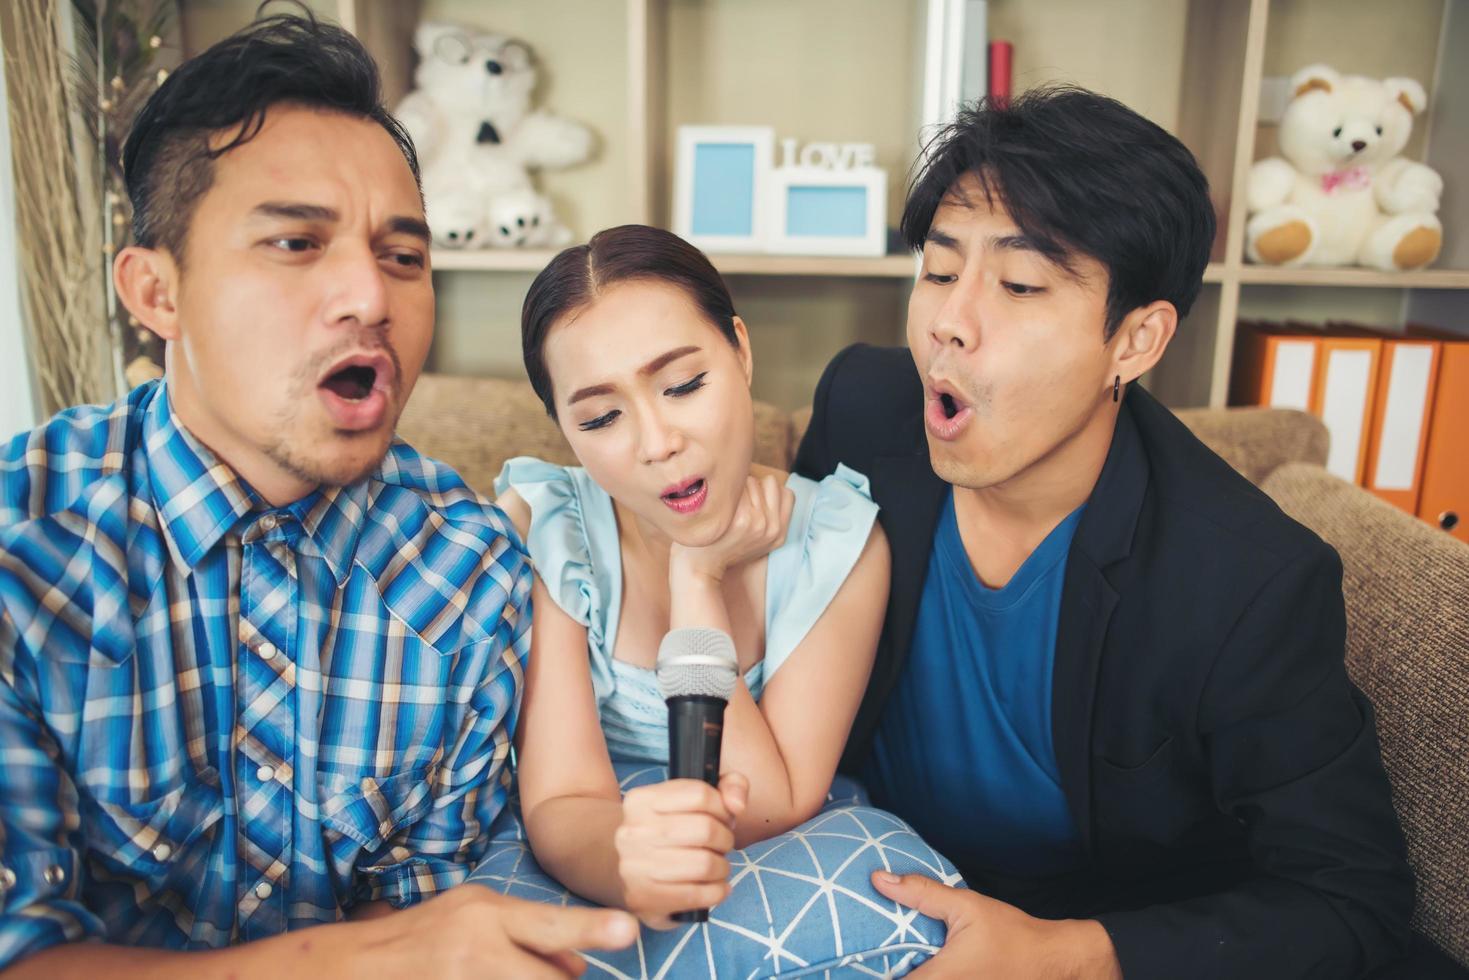 gruppo di amici che cantano una canzone insieme nel loro soggiorno foto